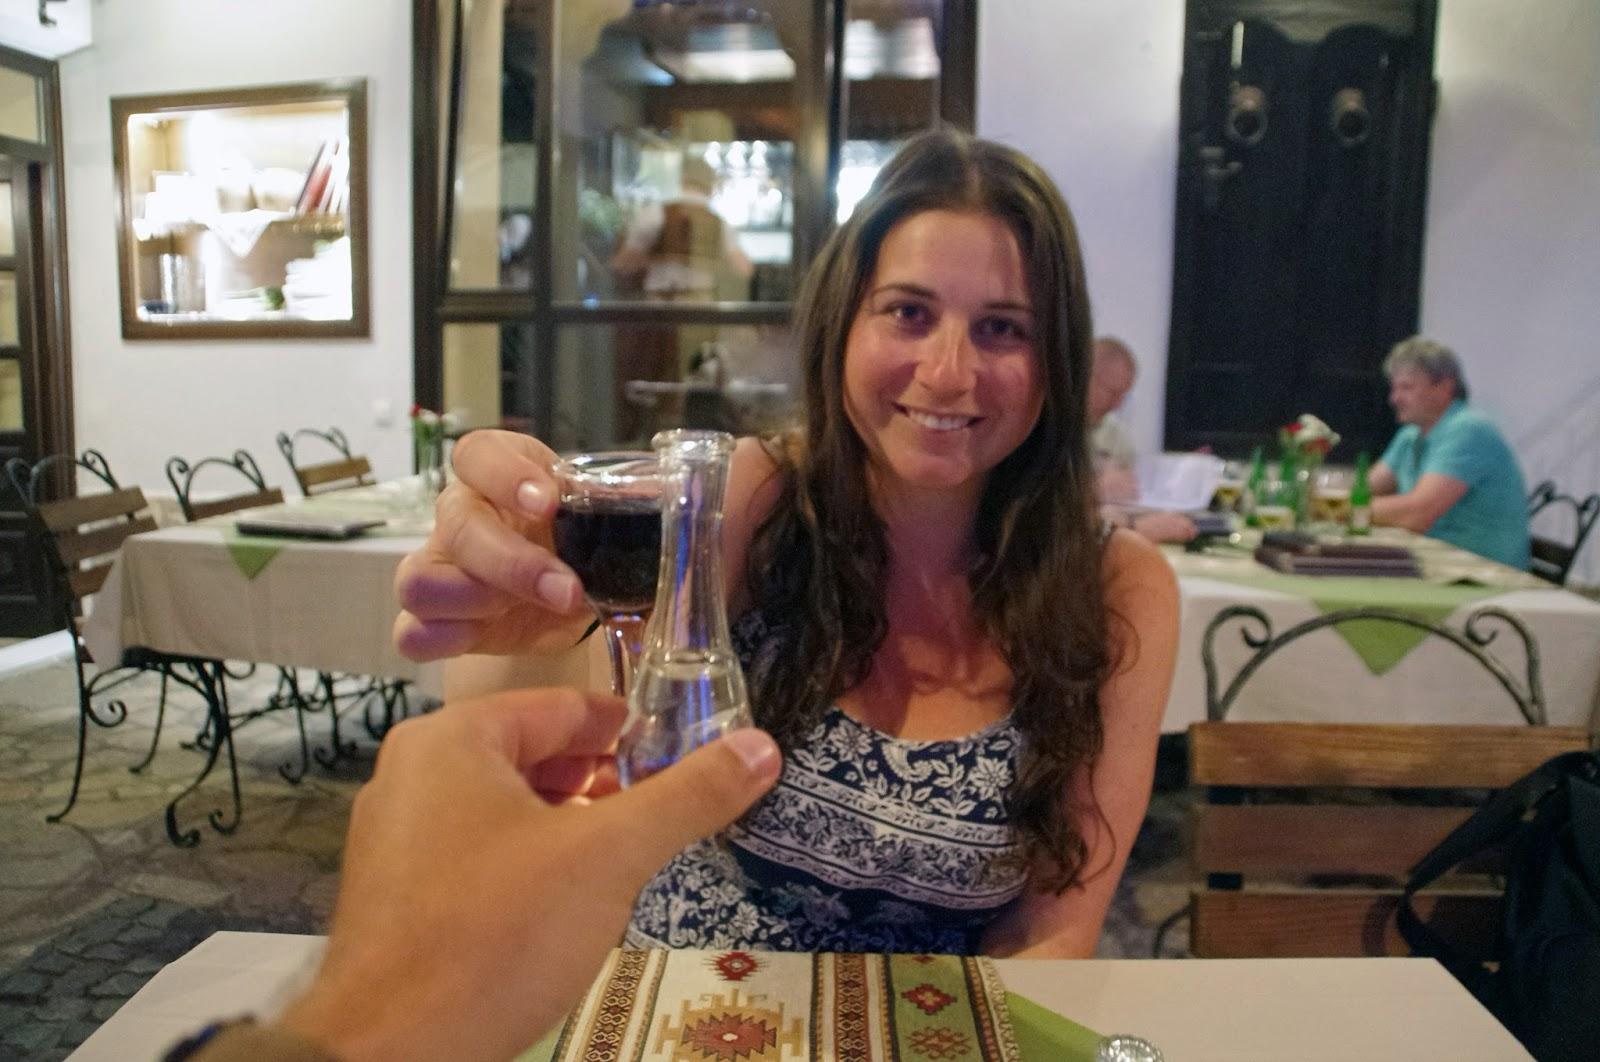 Drinking Raki in Mostar